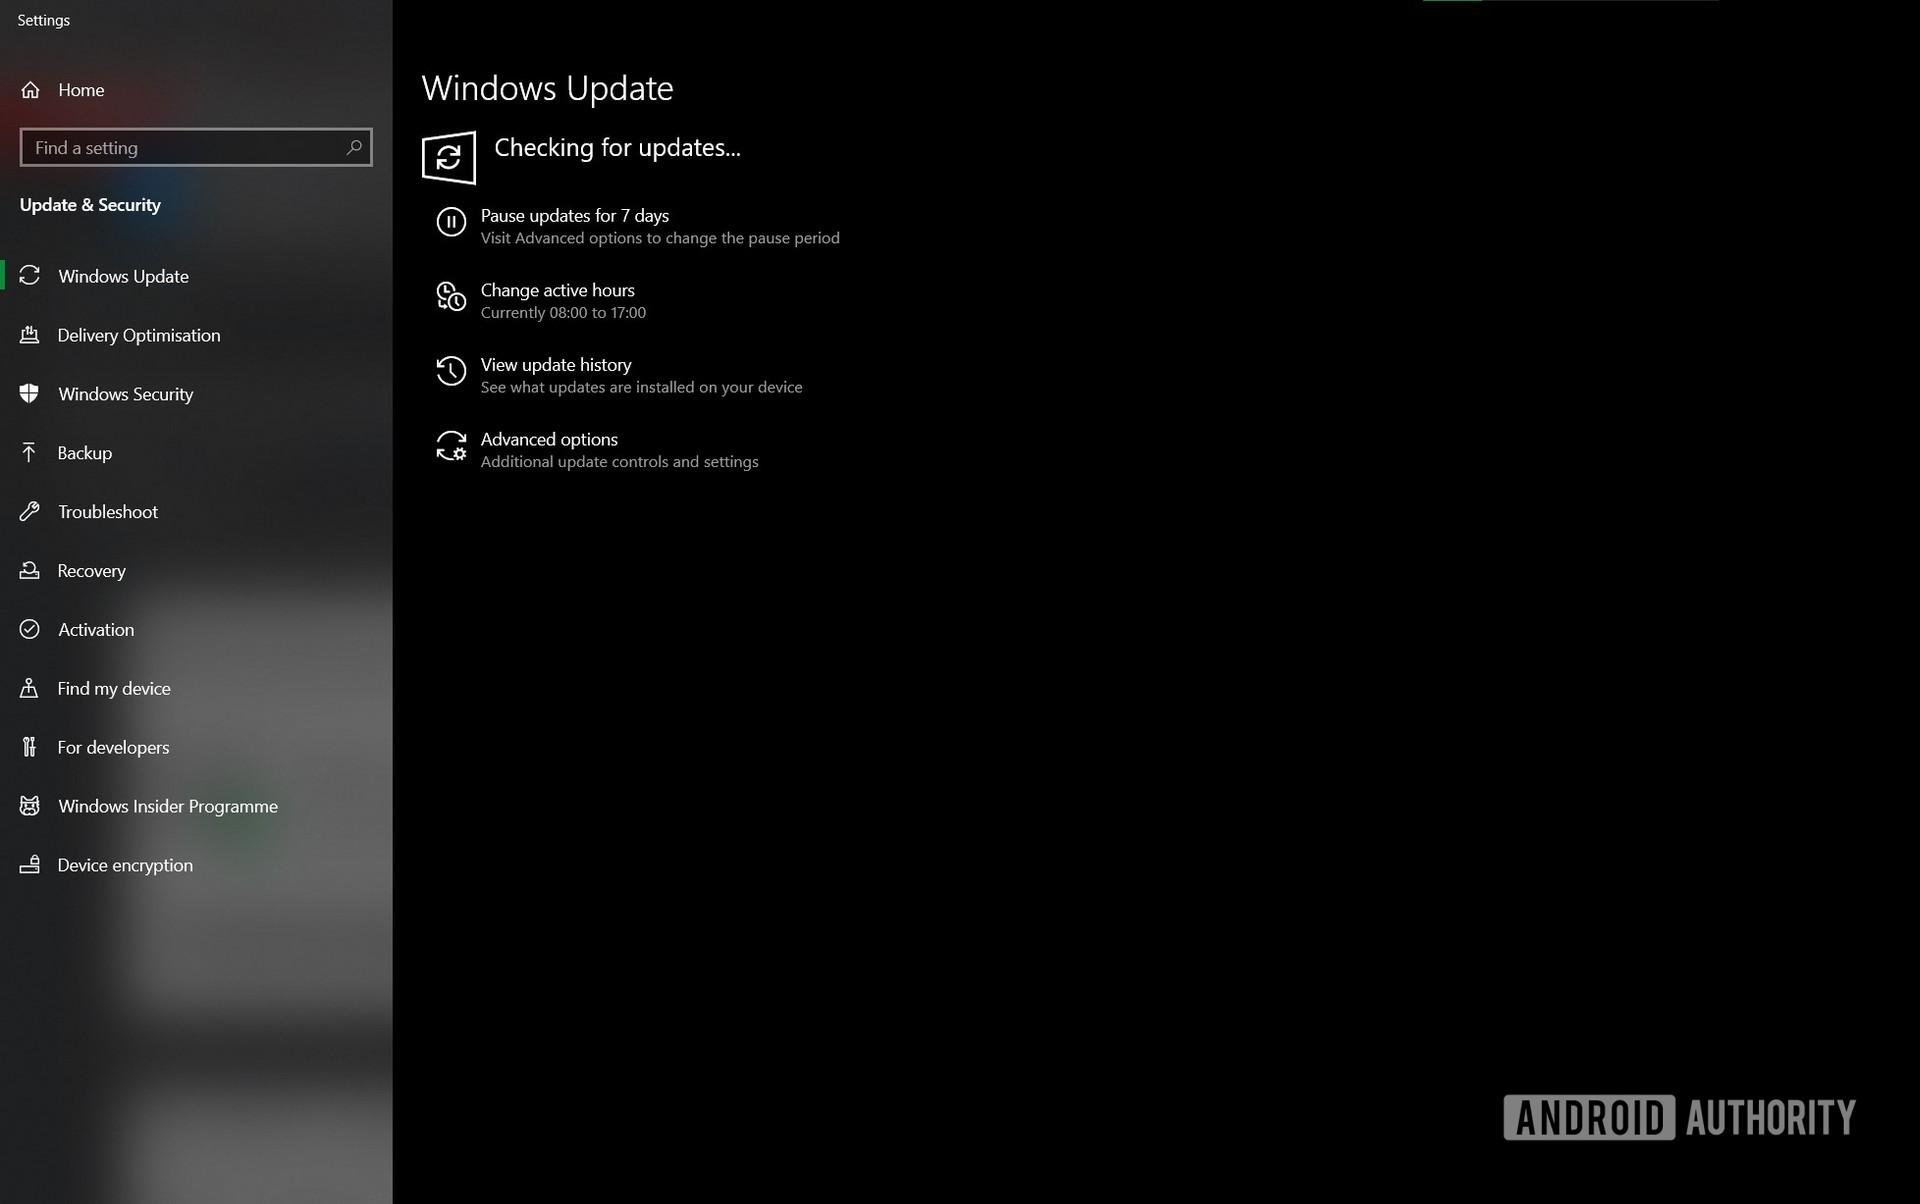 Windows Insider Program checking for update